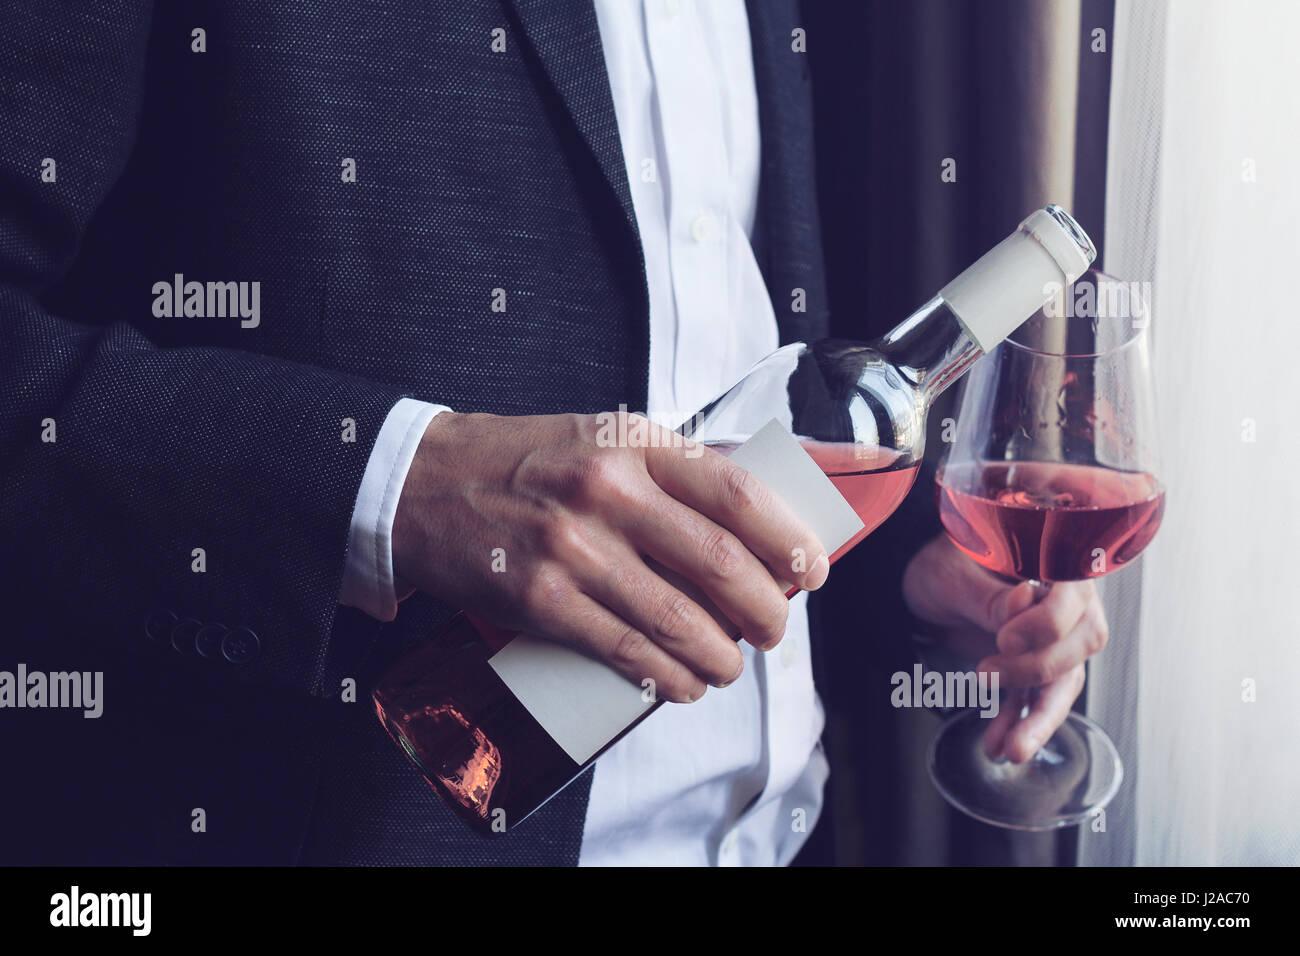 Cierre horizontal de caucásico hombre en traje negro y camisa blanca verter vino rosado en un vaso de una botella Imagen De Stock